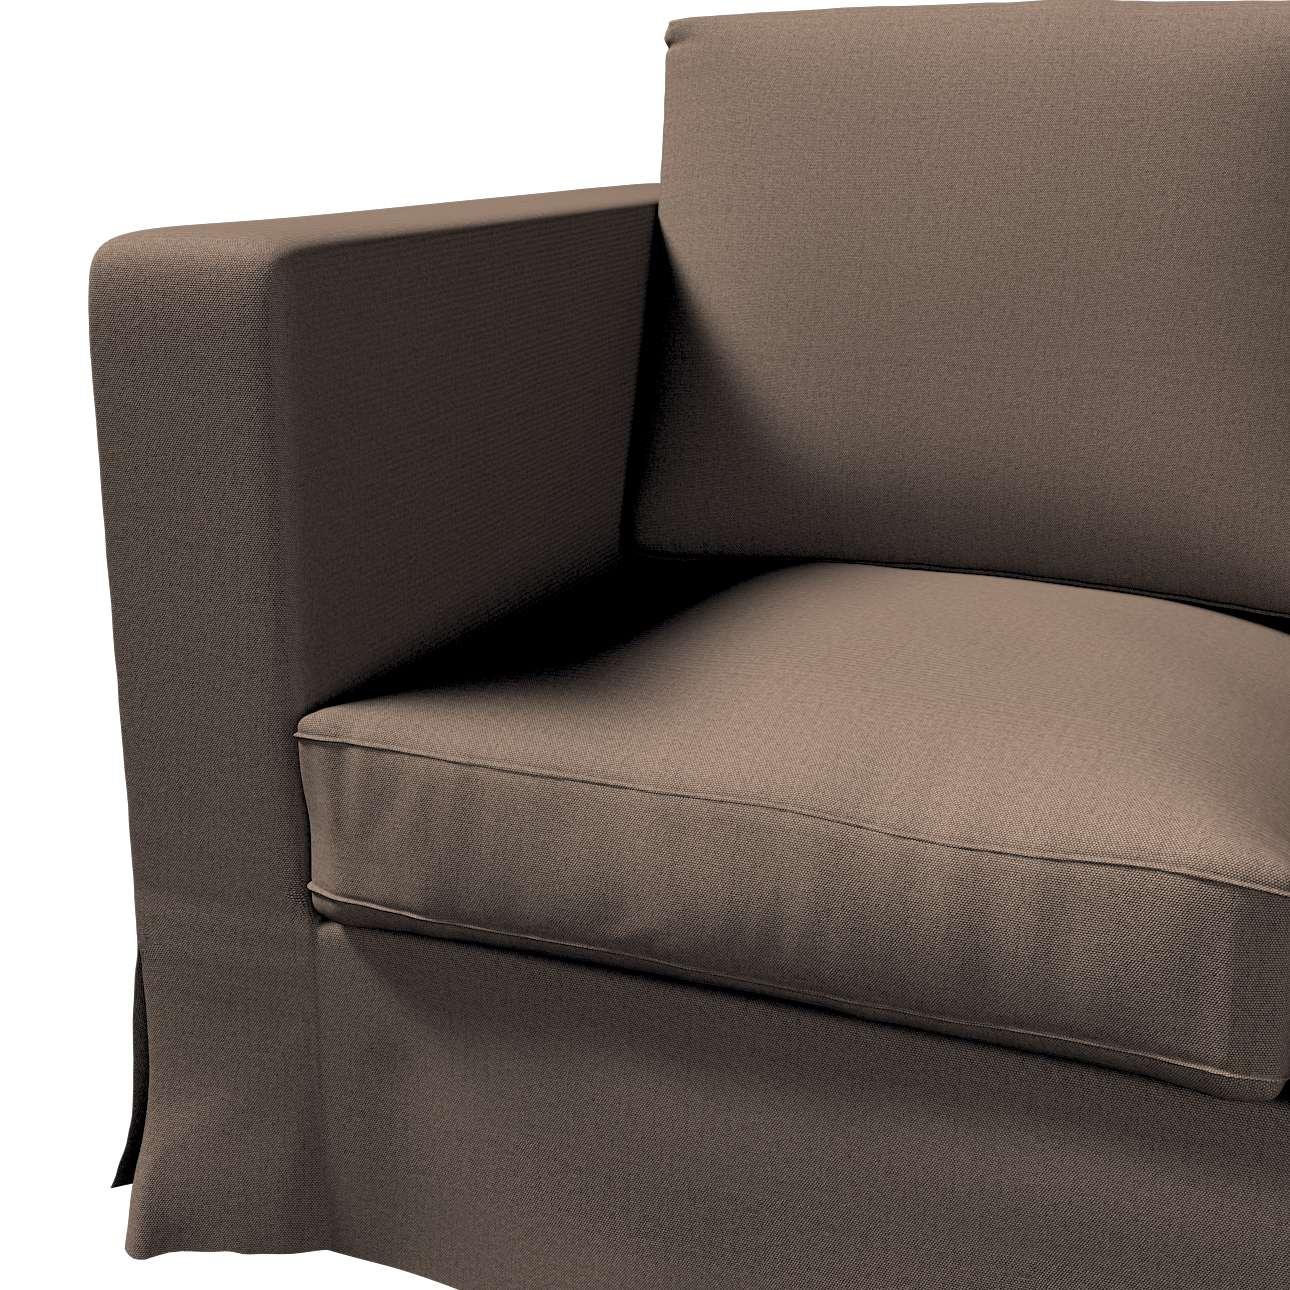 Karlanda 3-Sitzer Sofabezug nicht ausklappbar lang von der Kollektion Etna, Stoff: 705-08